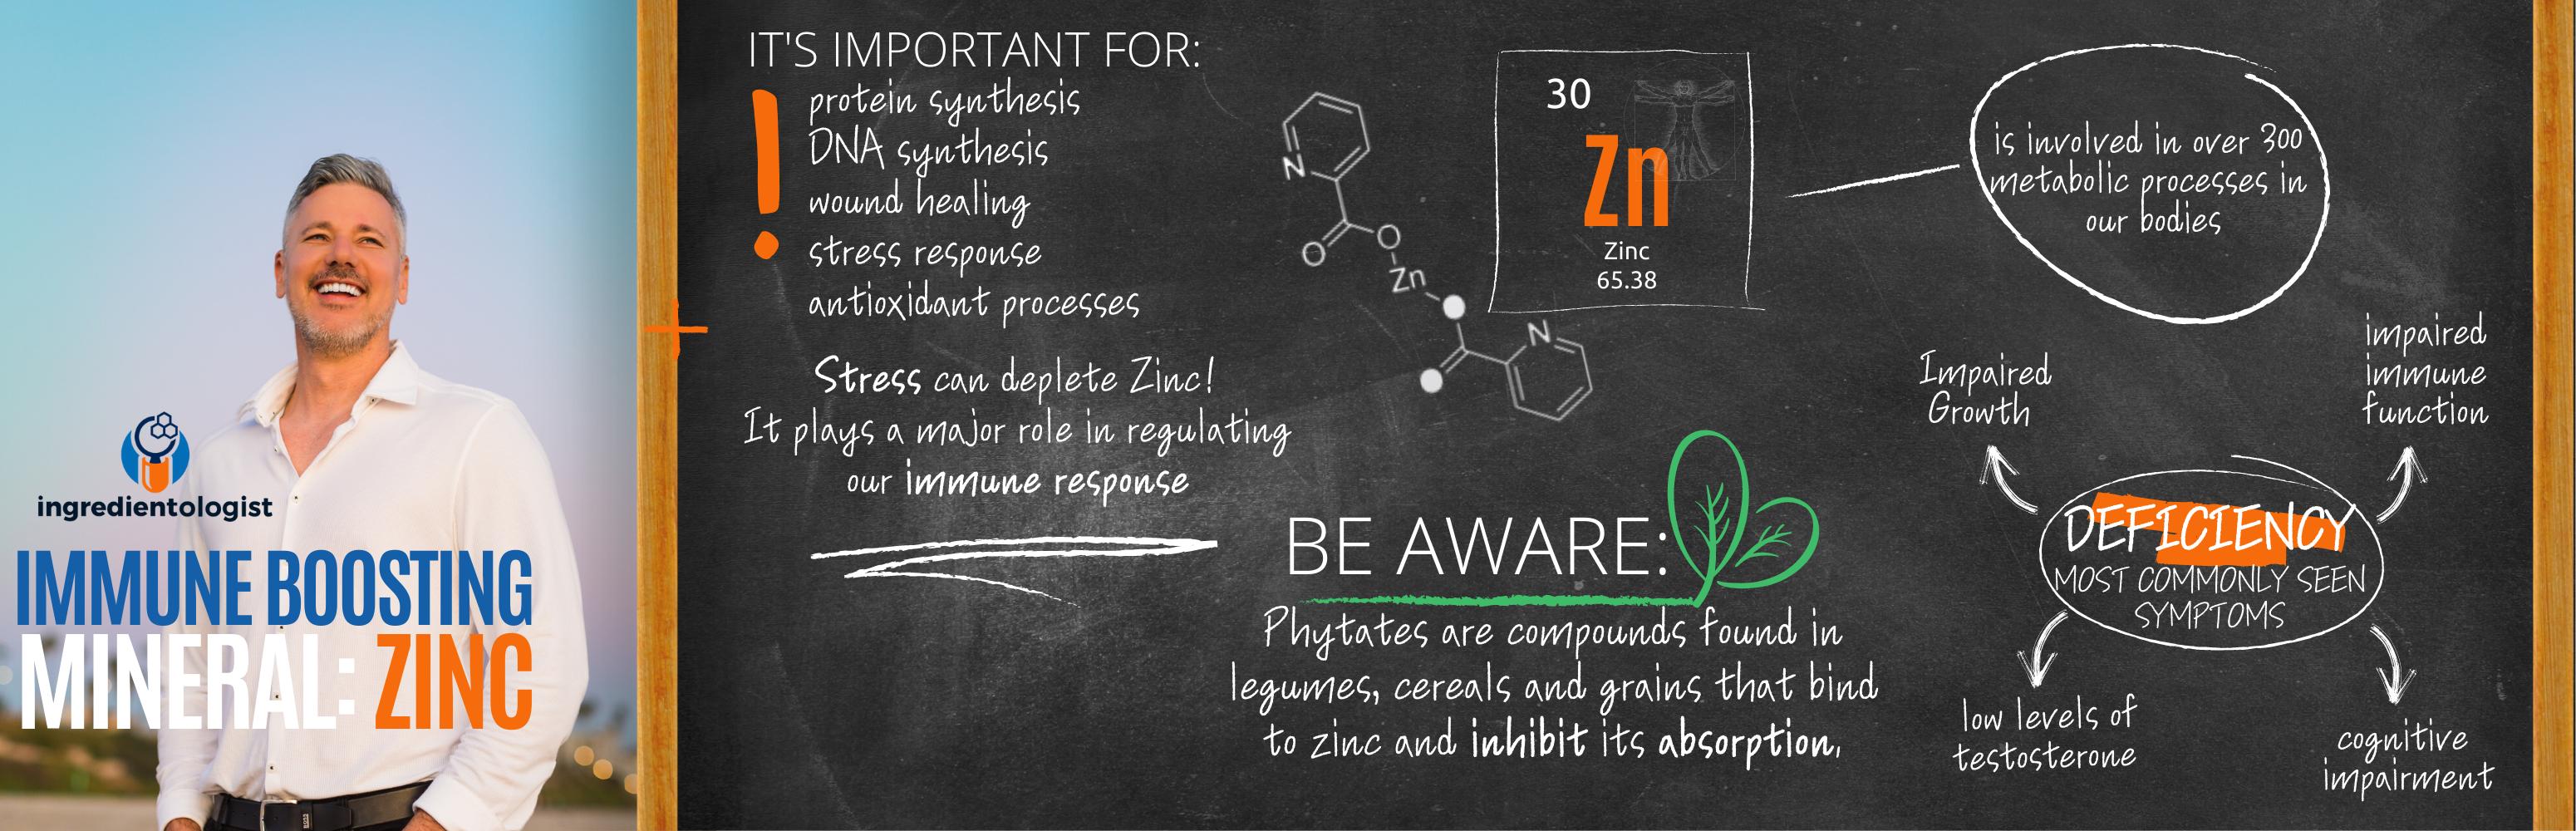 Immune boosting mineral Zinc